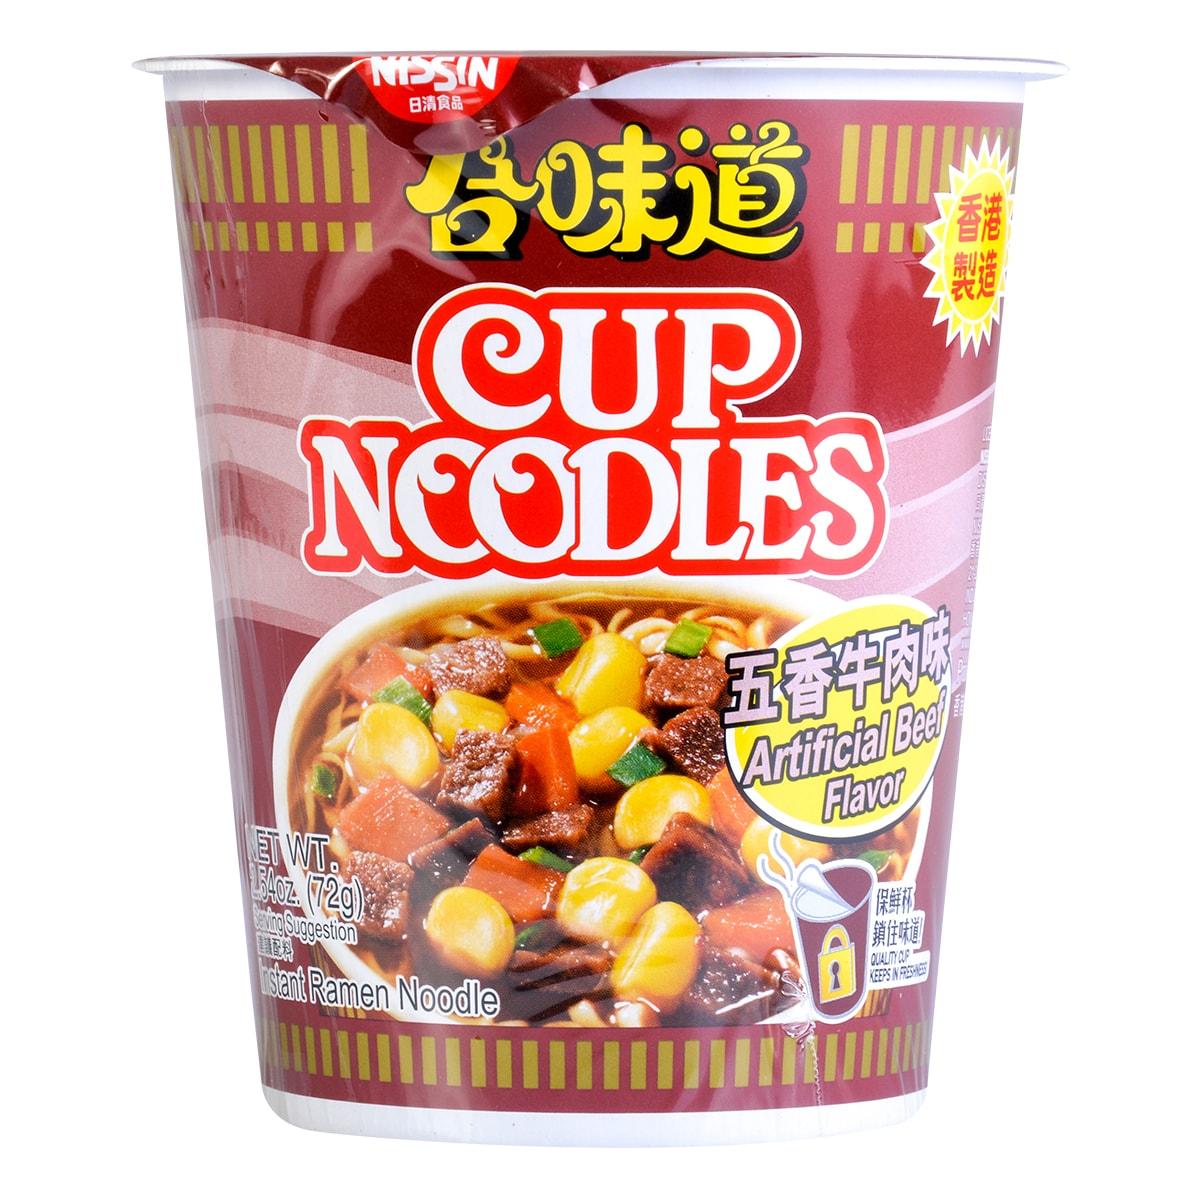 日本NISSIN日清 合味道 杯装方便面 五香牛肉味 72g